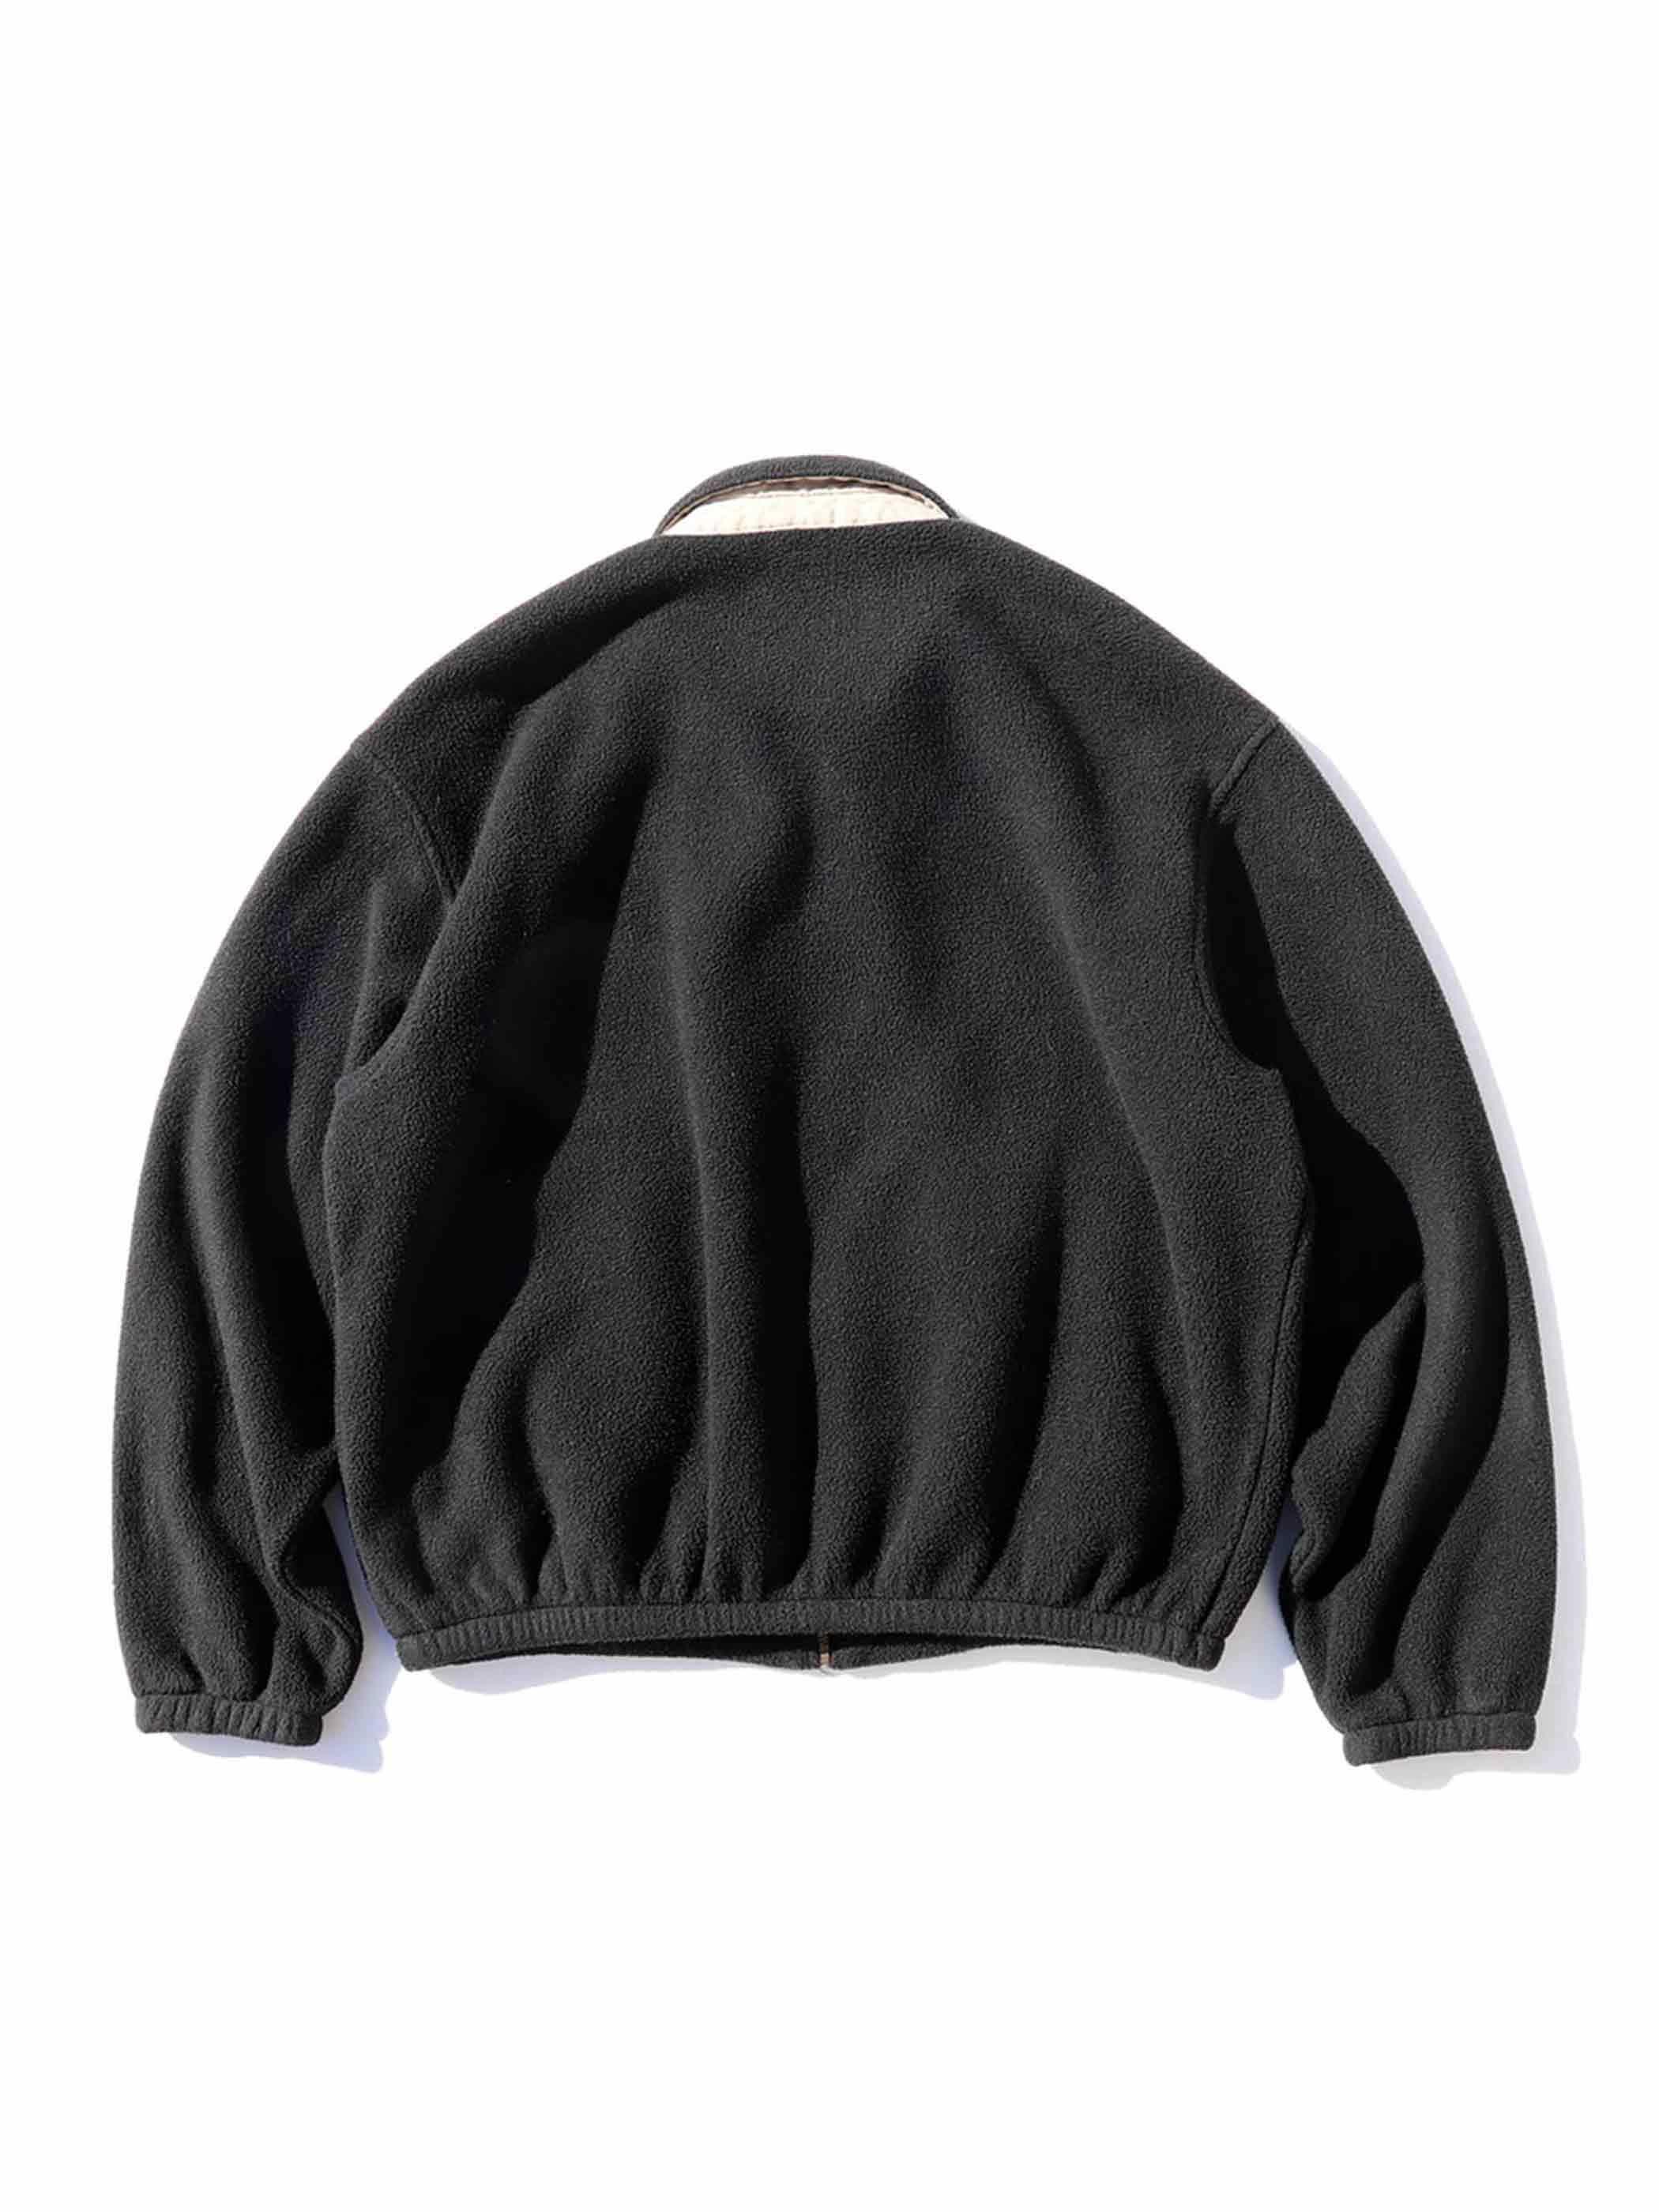 90's POLO RALPH LAUREN USA製 ブラック フリーススイングトップ [L]